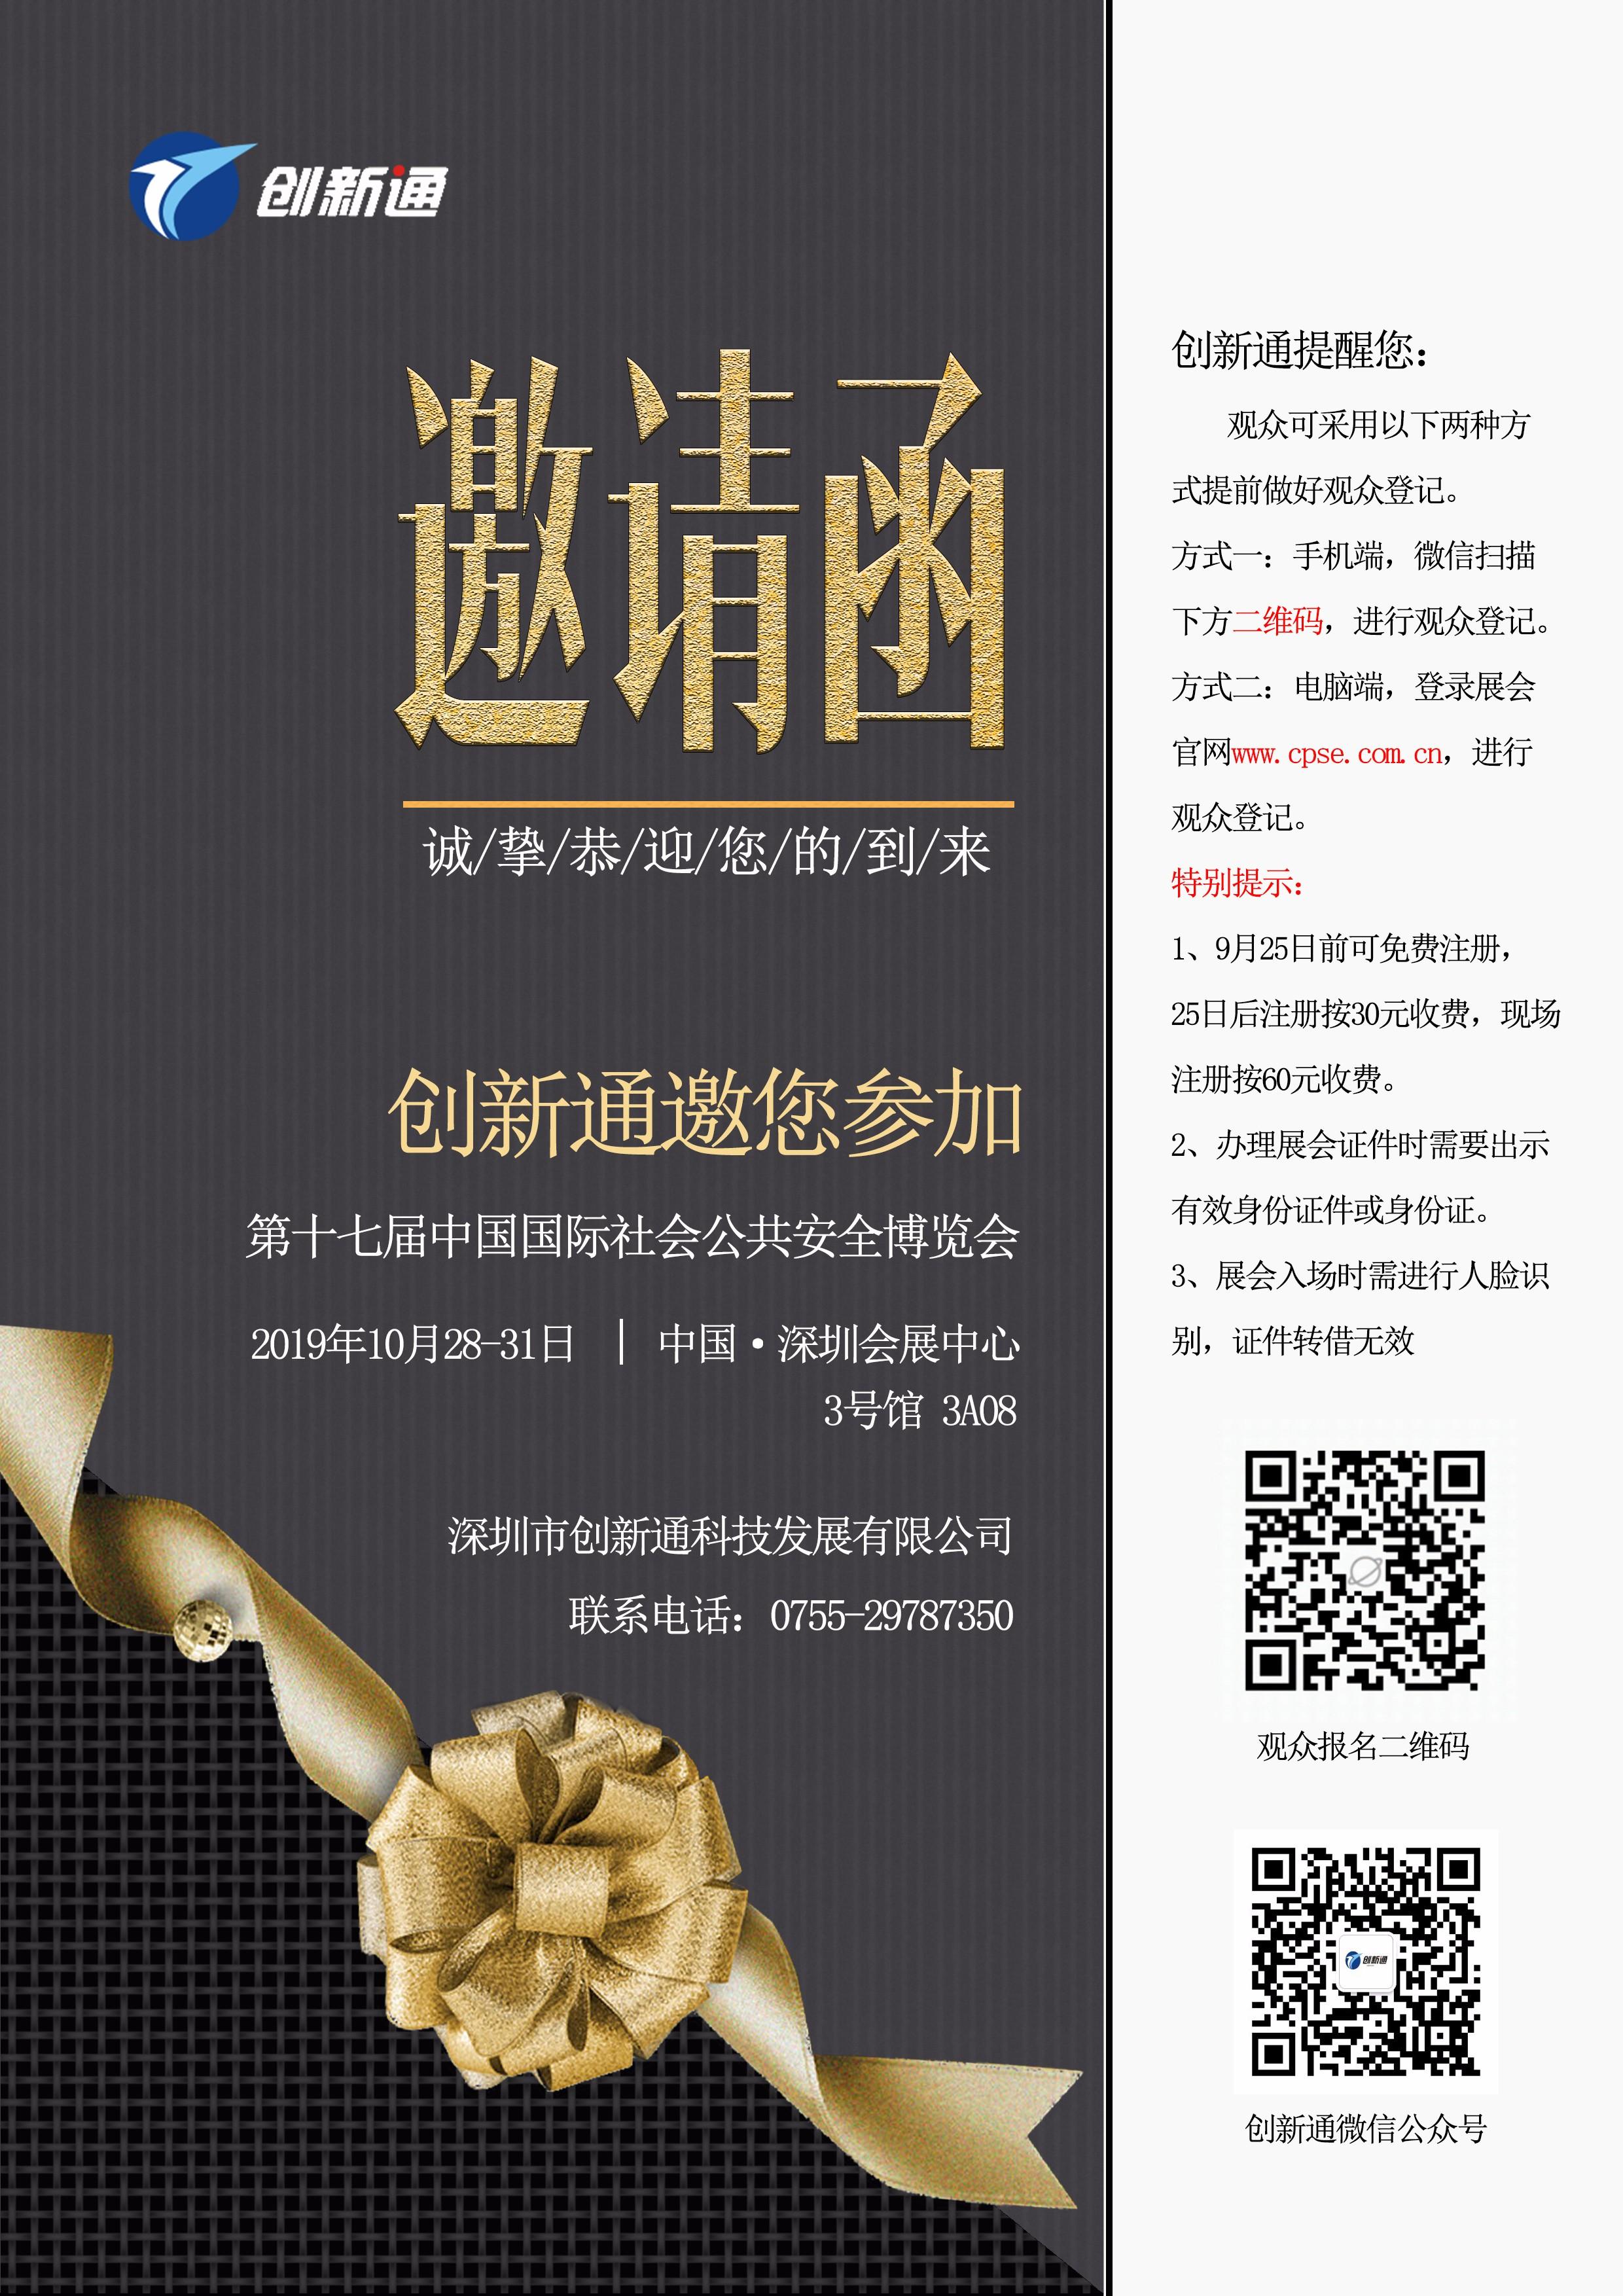 创新通诚邀您参加第十七届中国国际社会公共安全博览会